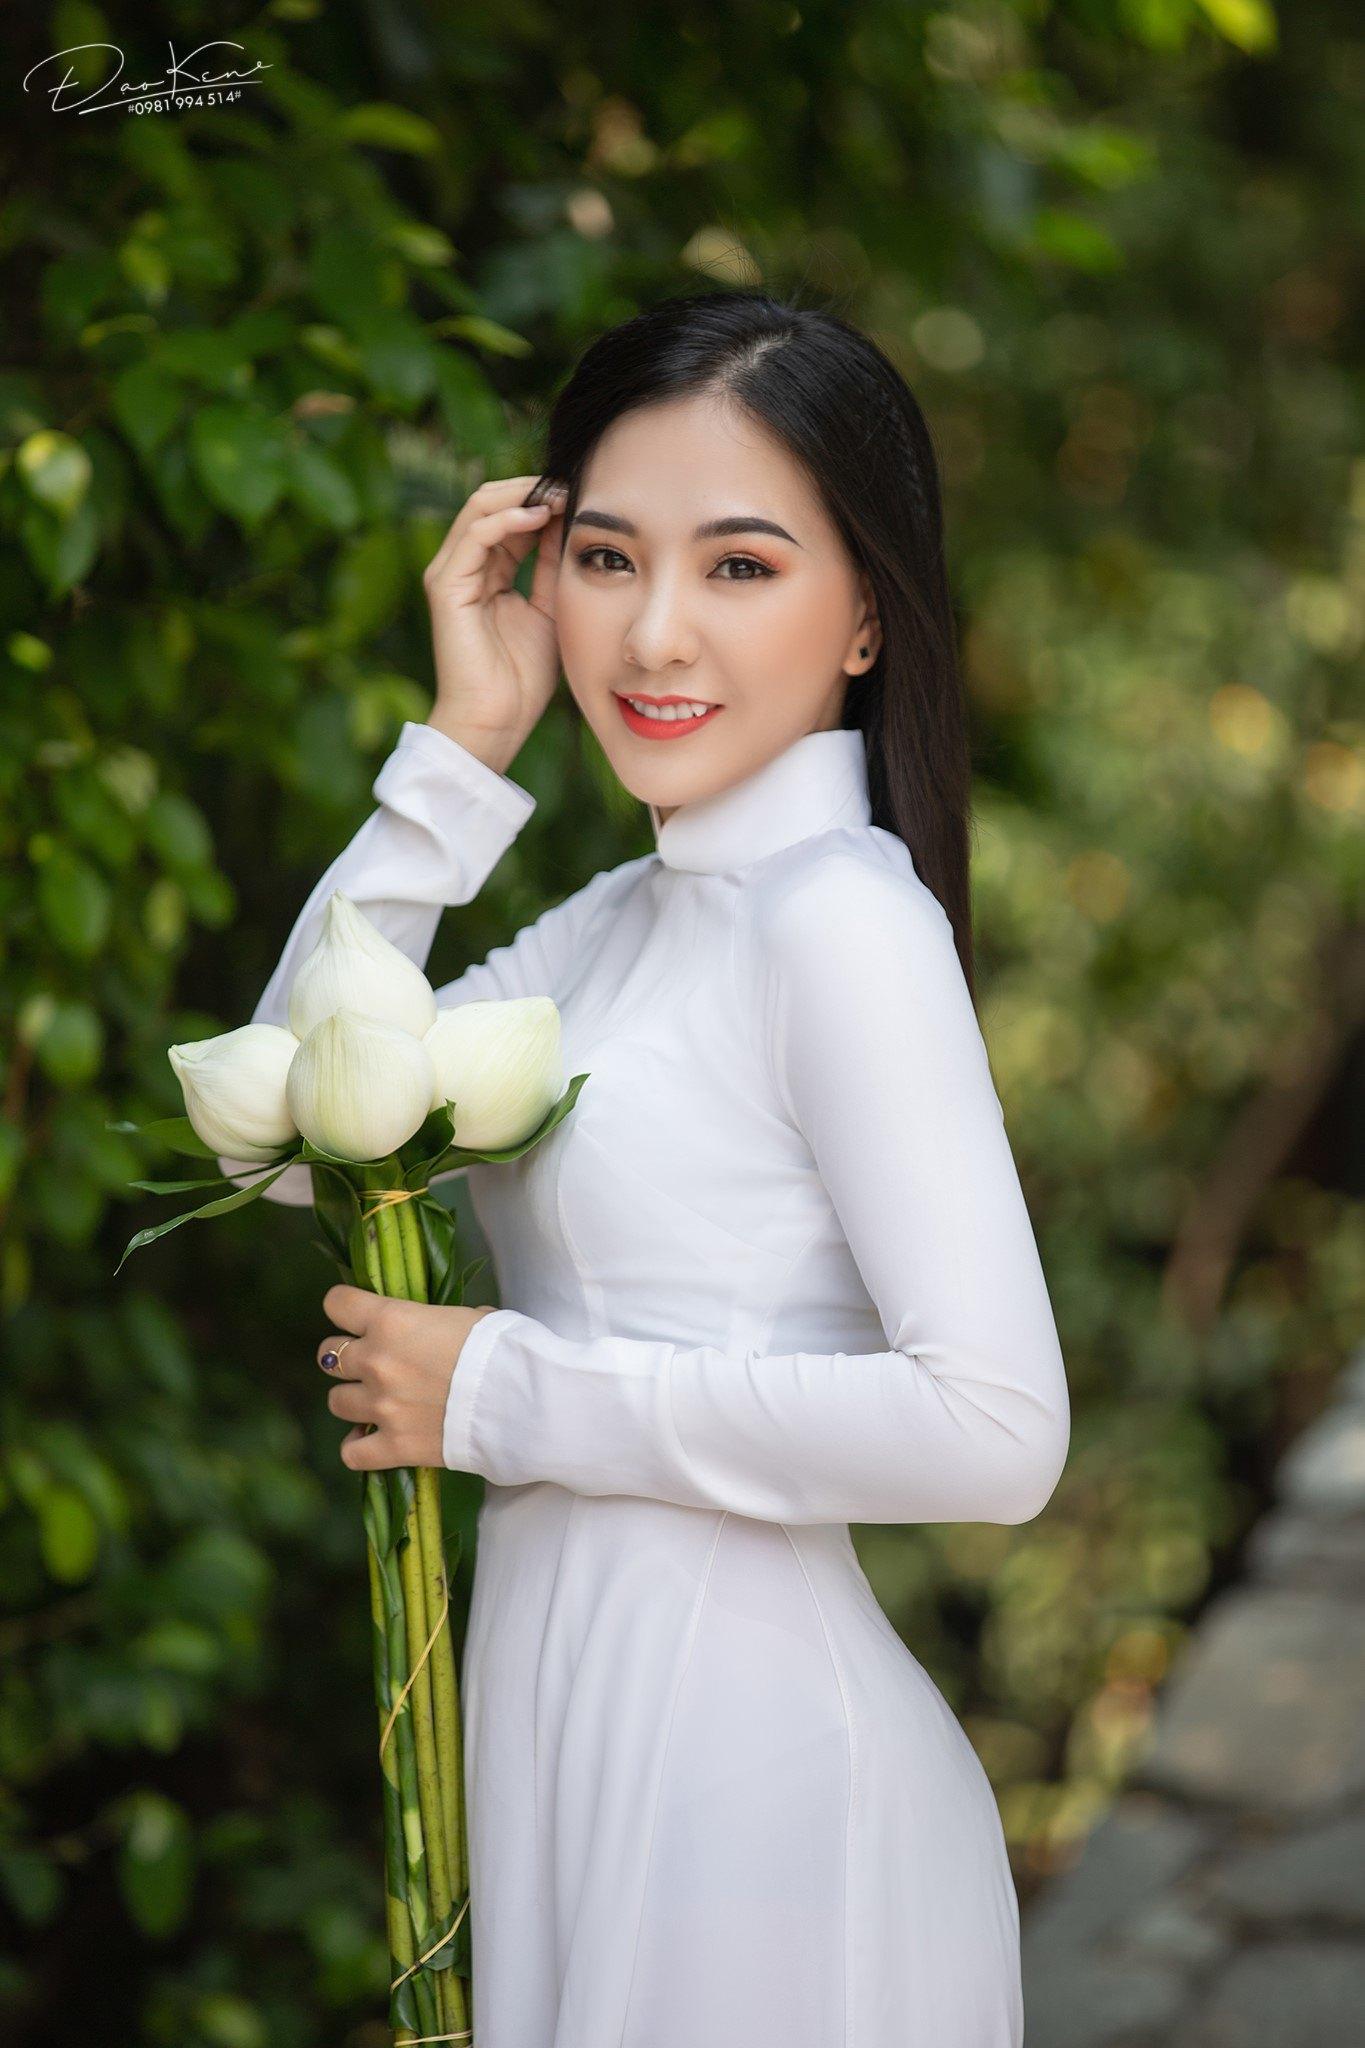 Tuyển tập girl xinh gái đẹp Việt Nam mặc áo dài đẹp mê hồn #57 - 12